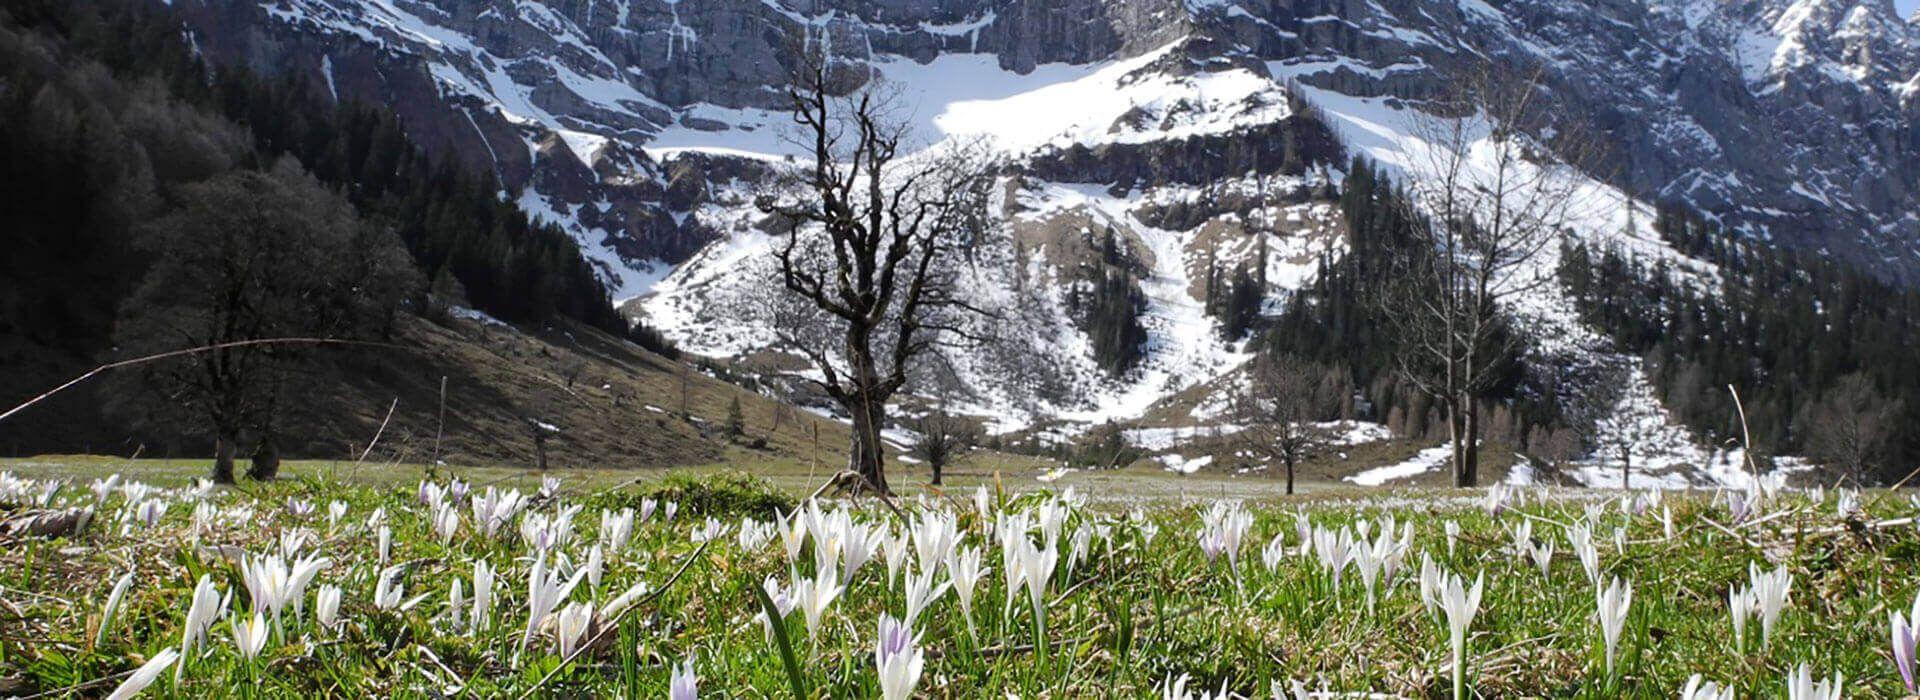 Tulpenblüte am Großen Ahornboden